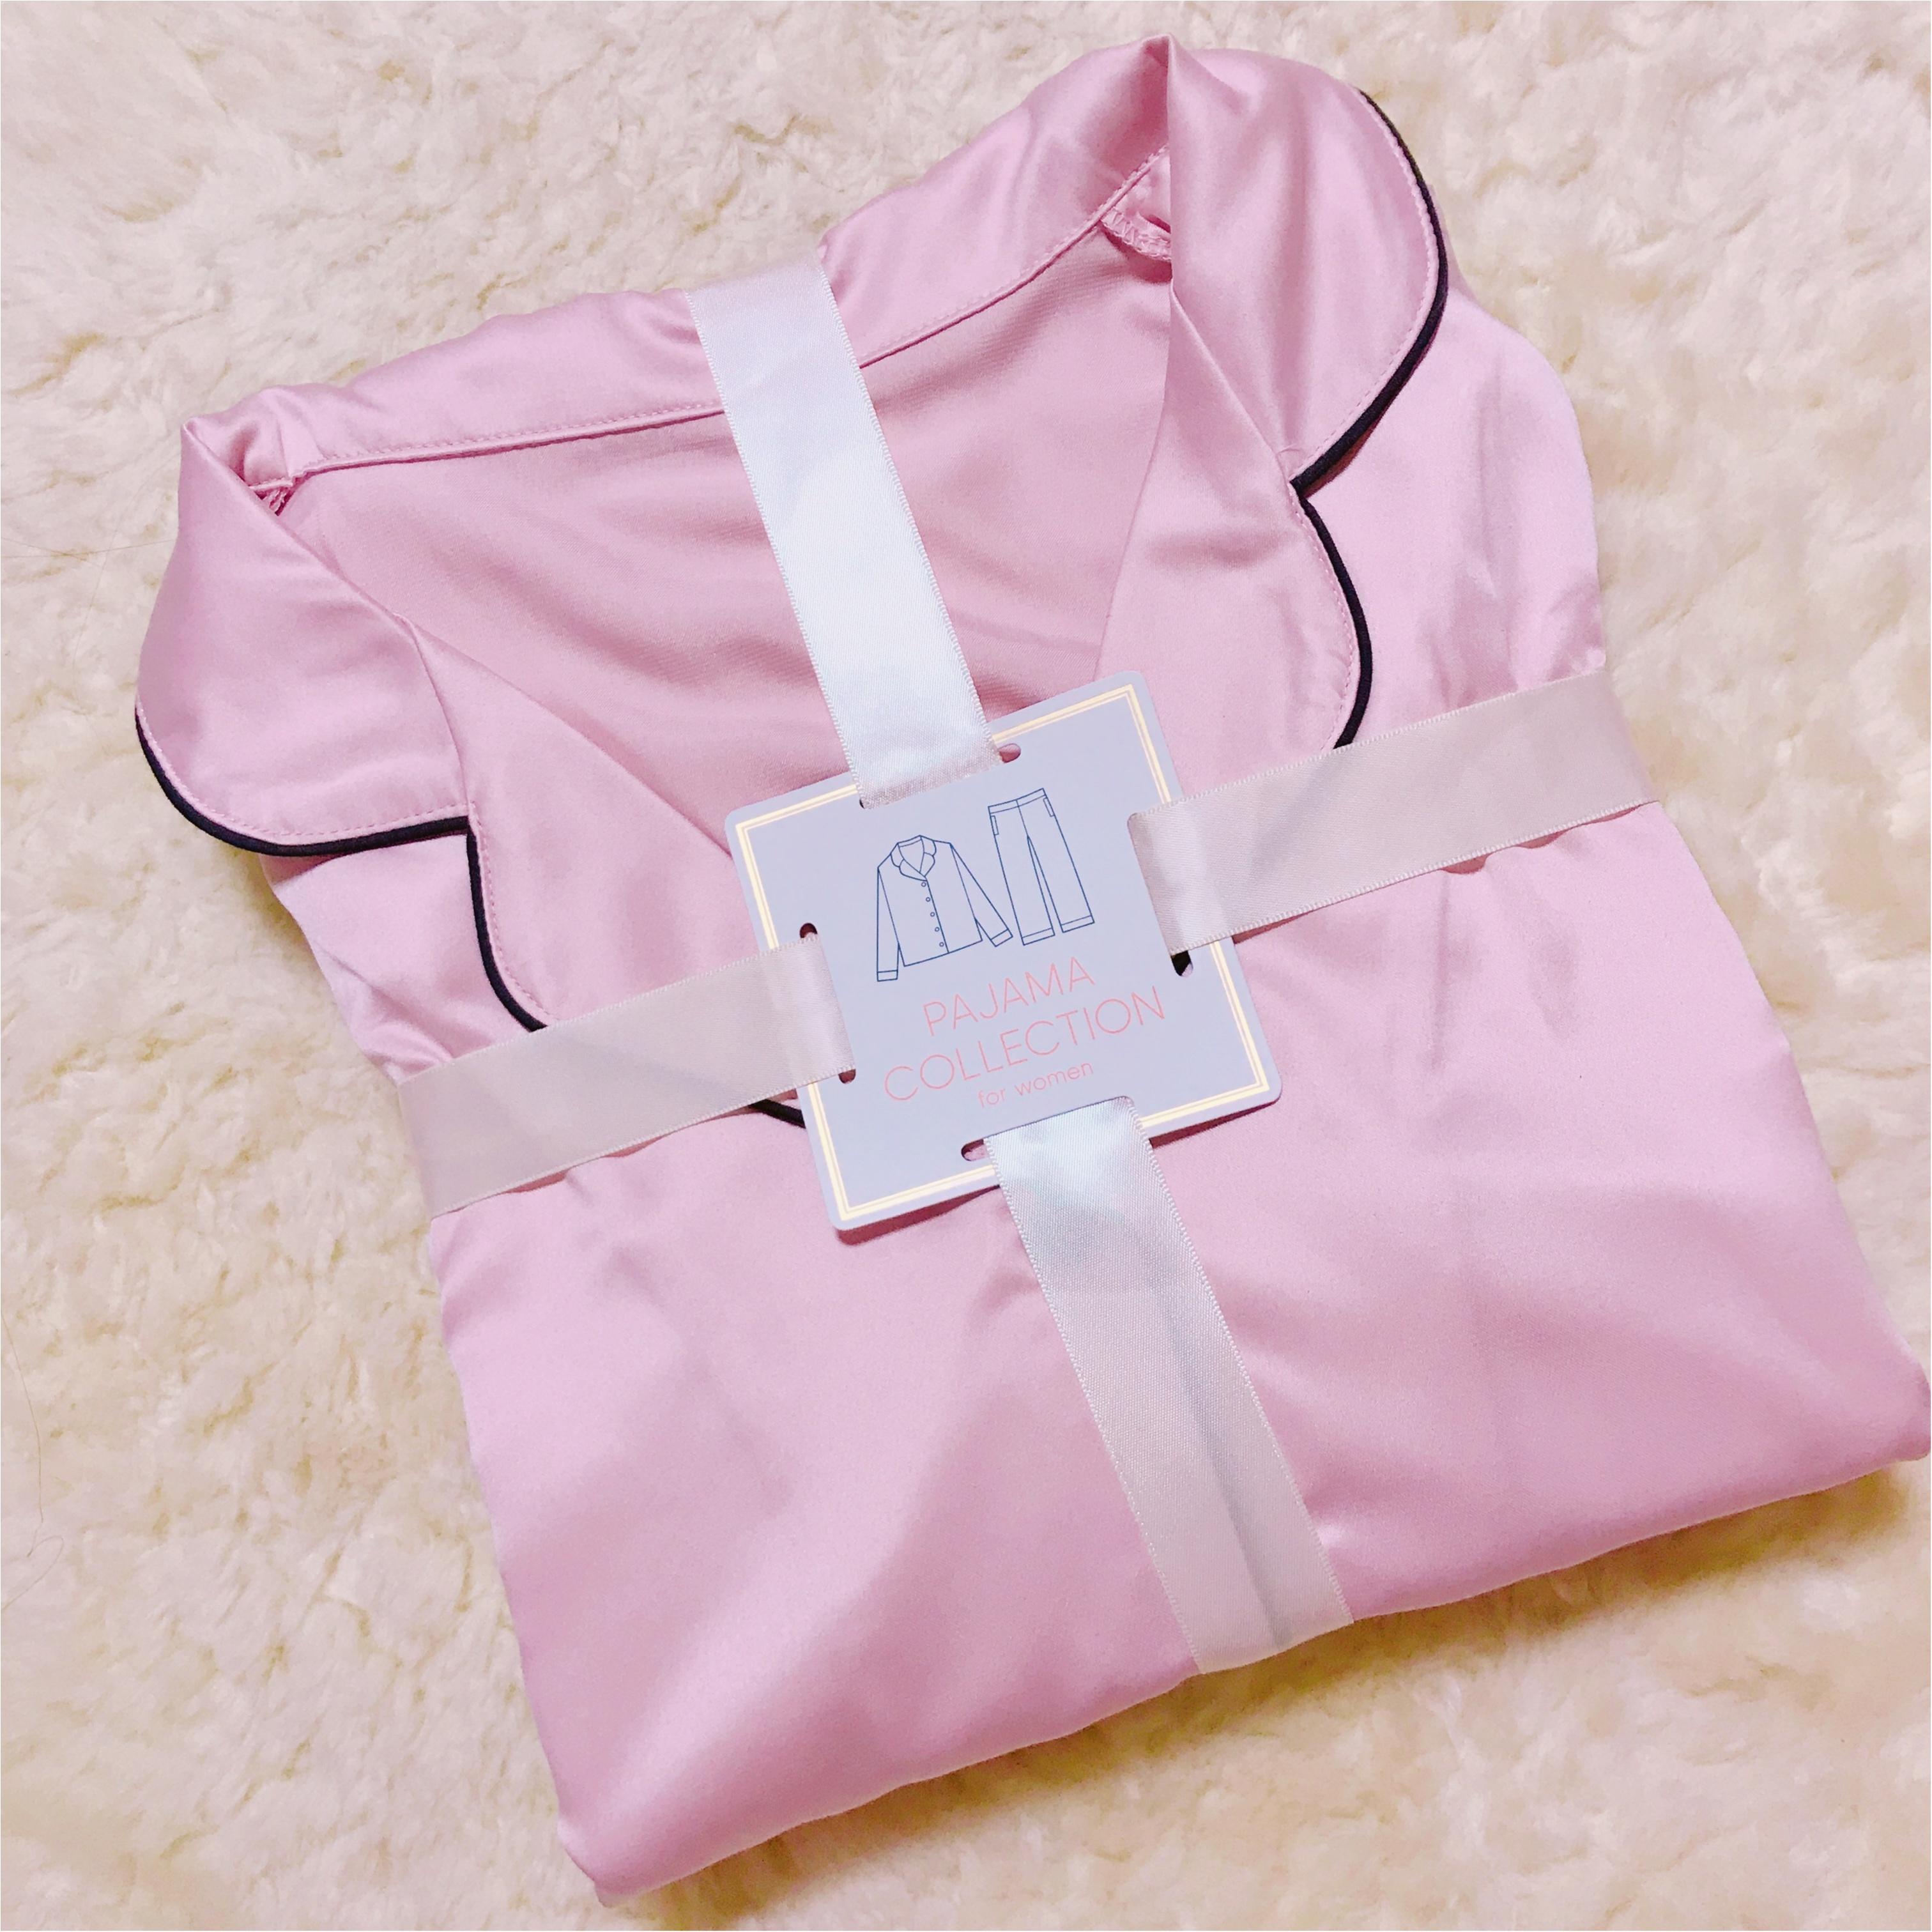 2018春もGUパジャマが可愛い❤︎売り切れる前に購入しました!_1